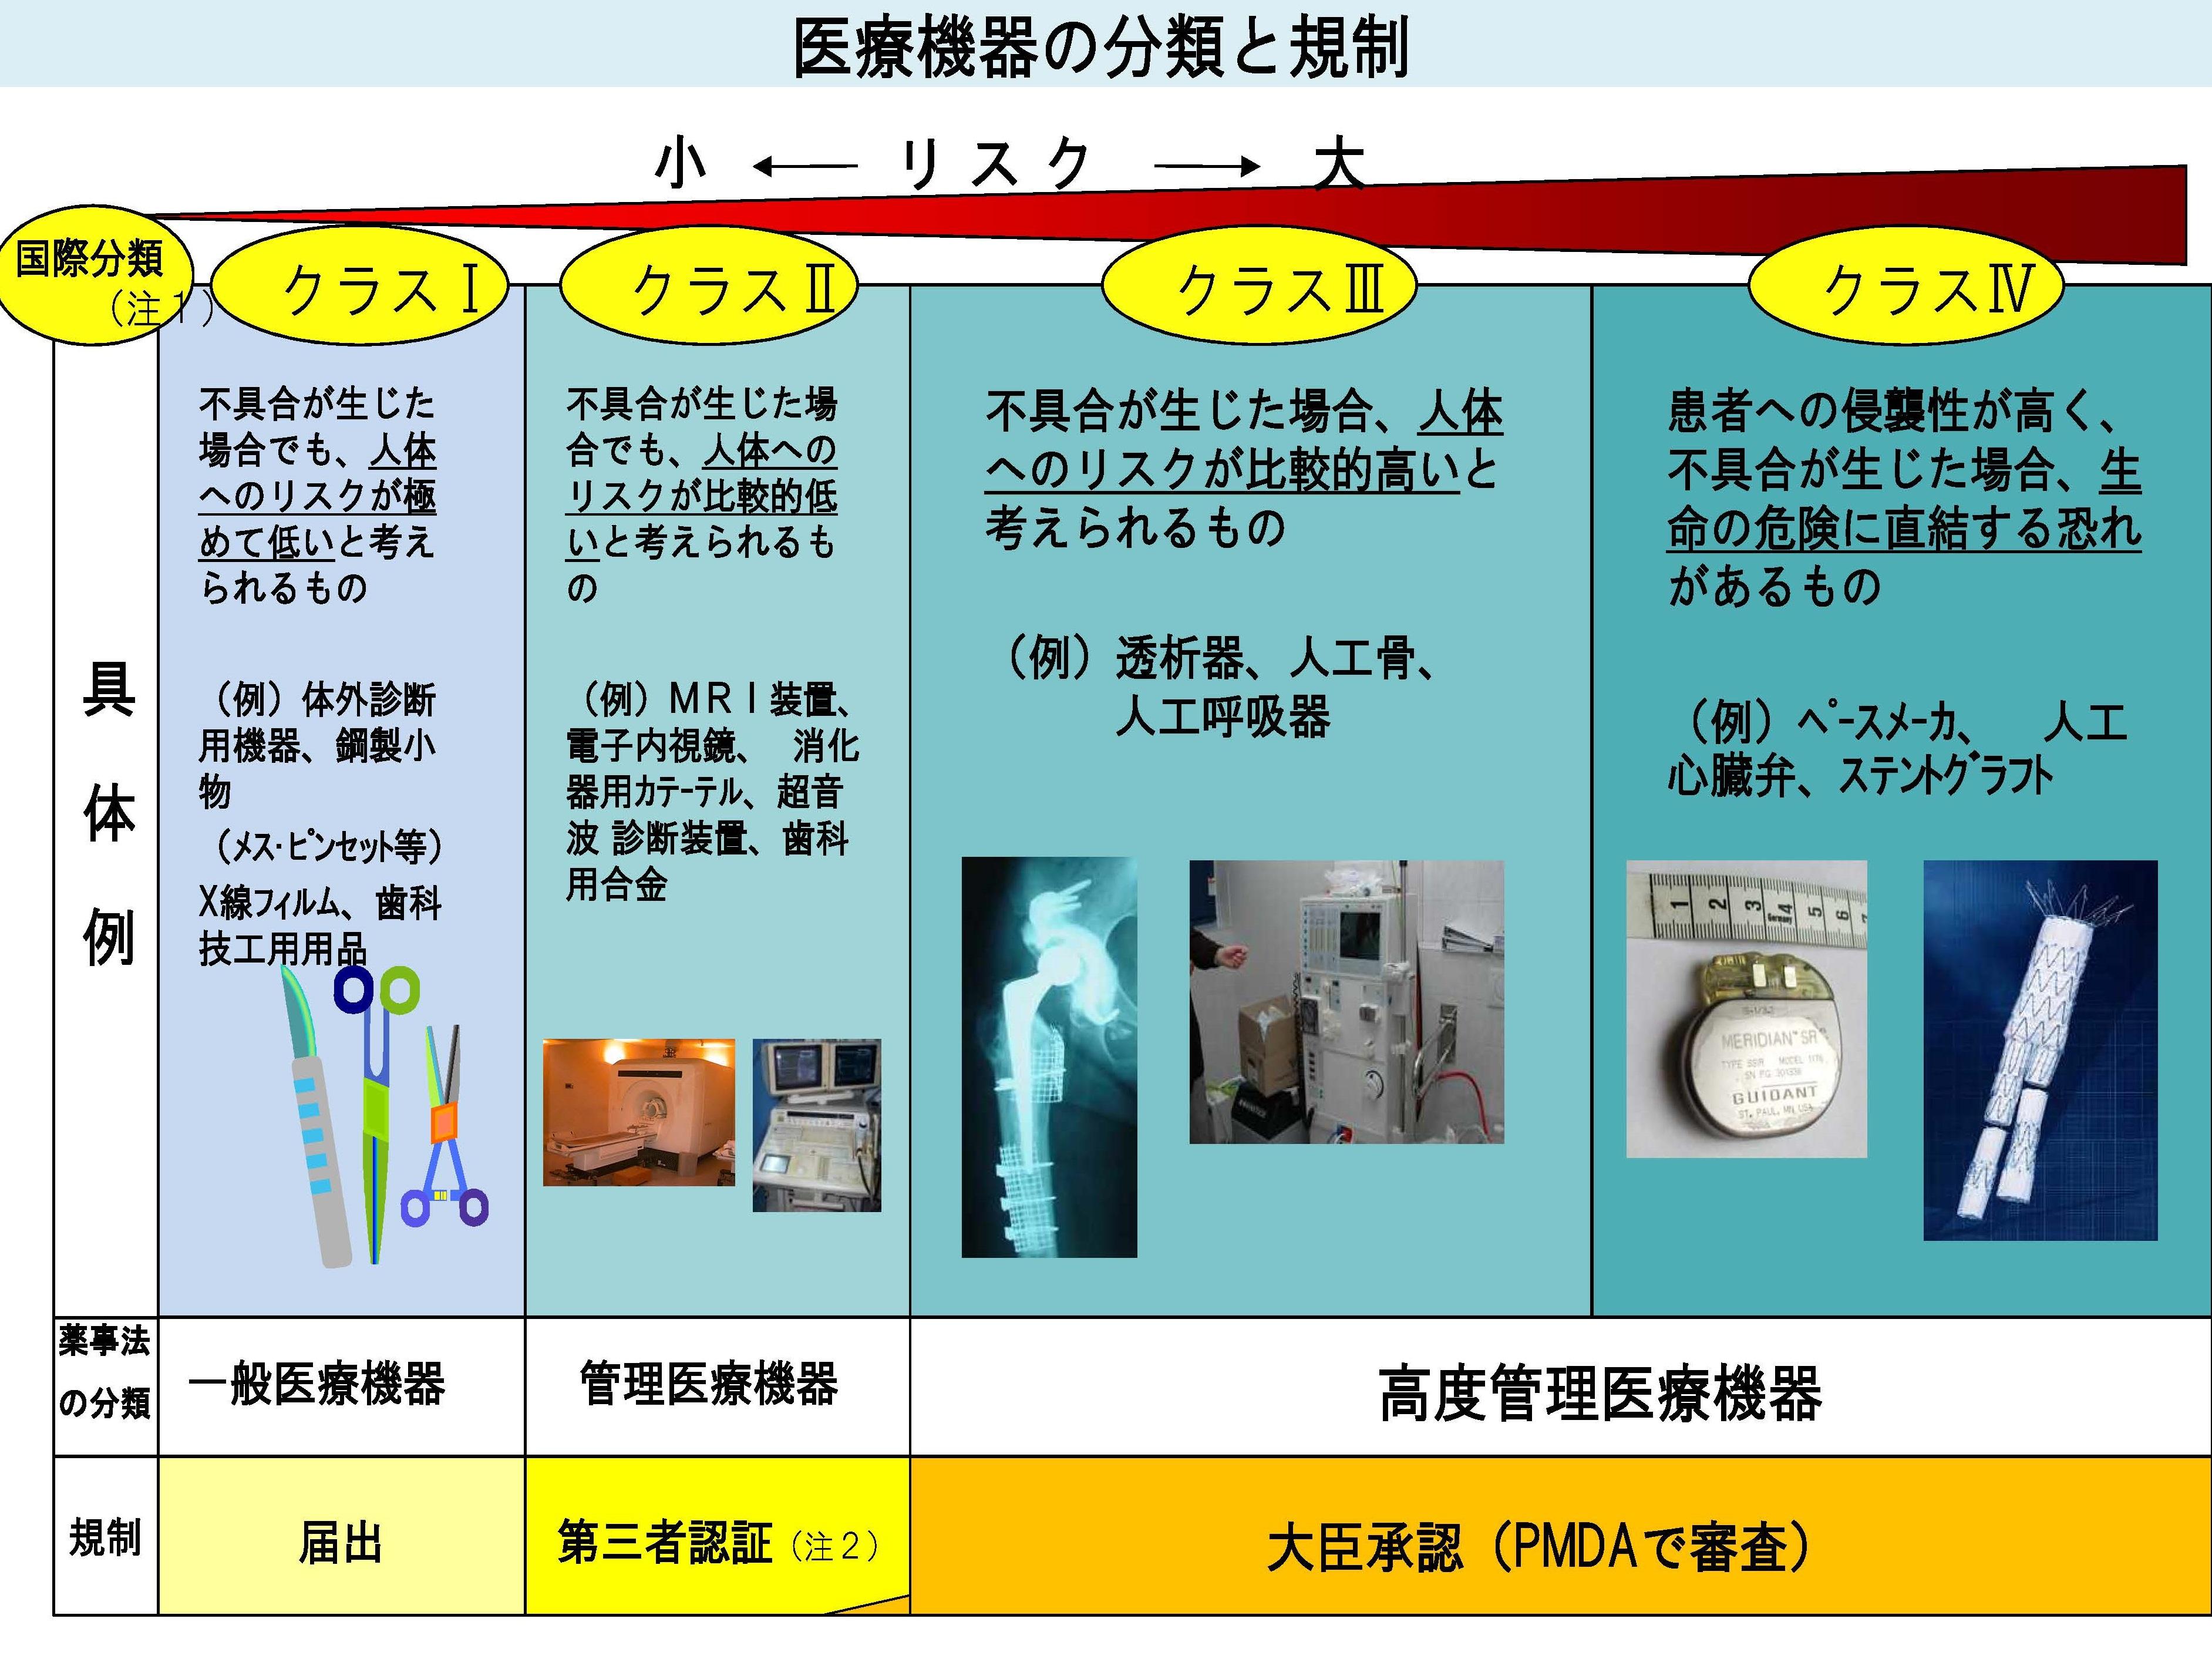 医療機器の分類